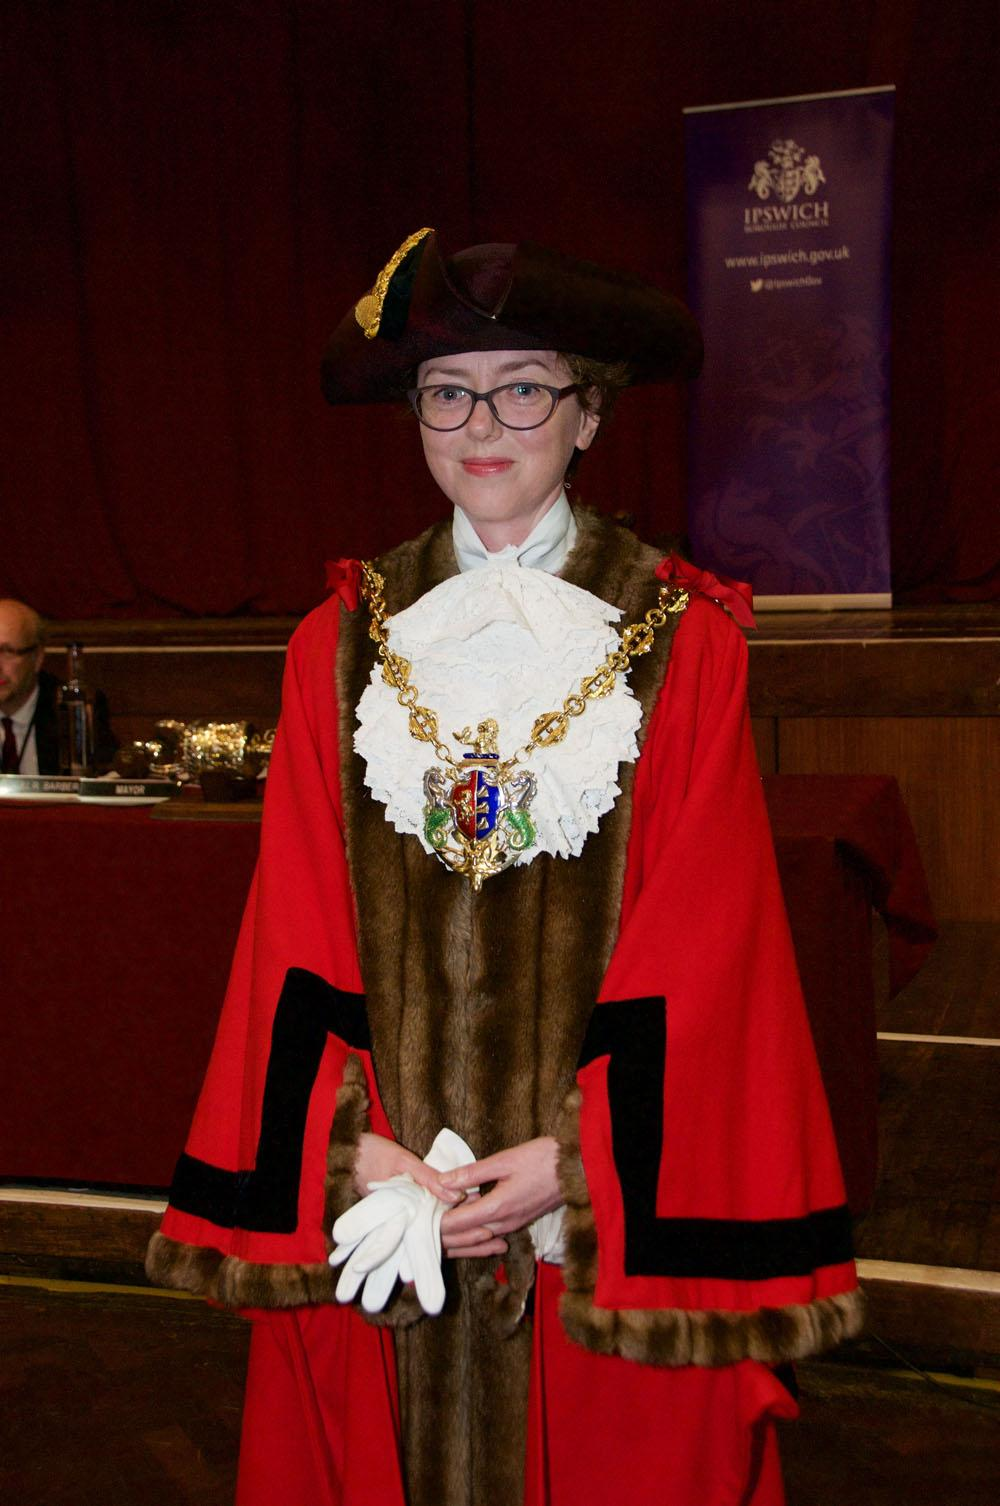 Mayor of Ipswich Councillot Sarah Barber